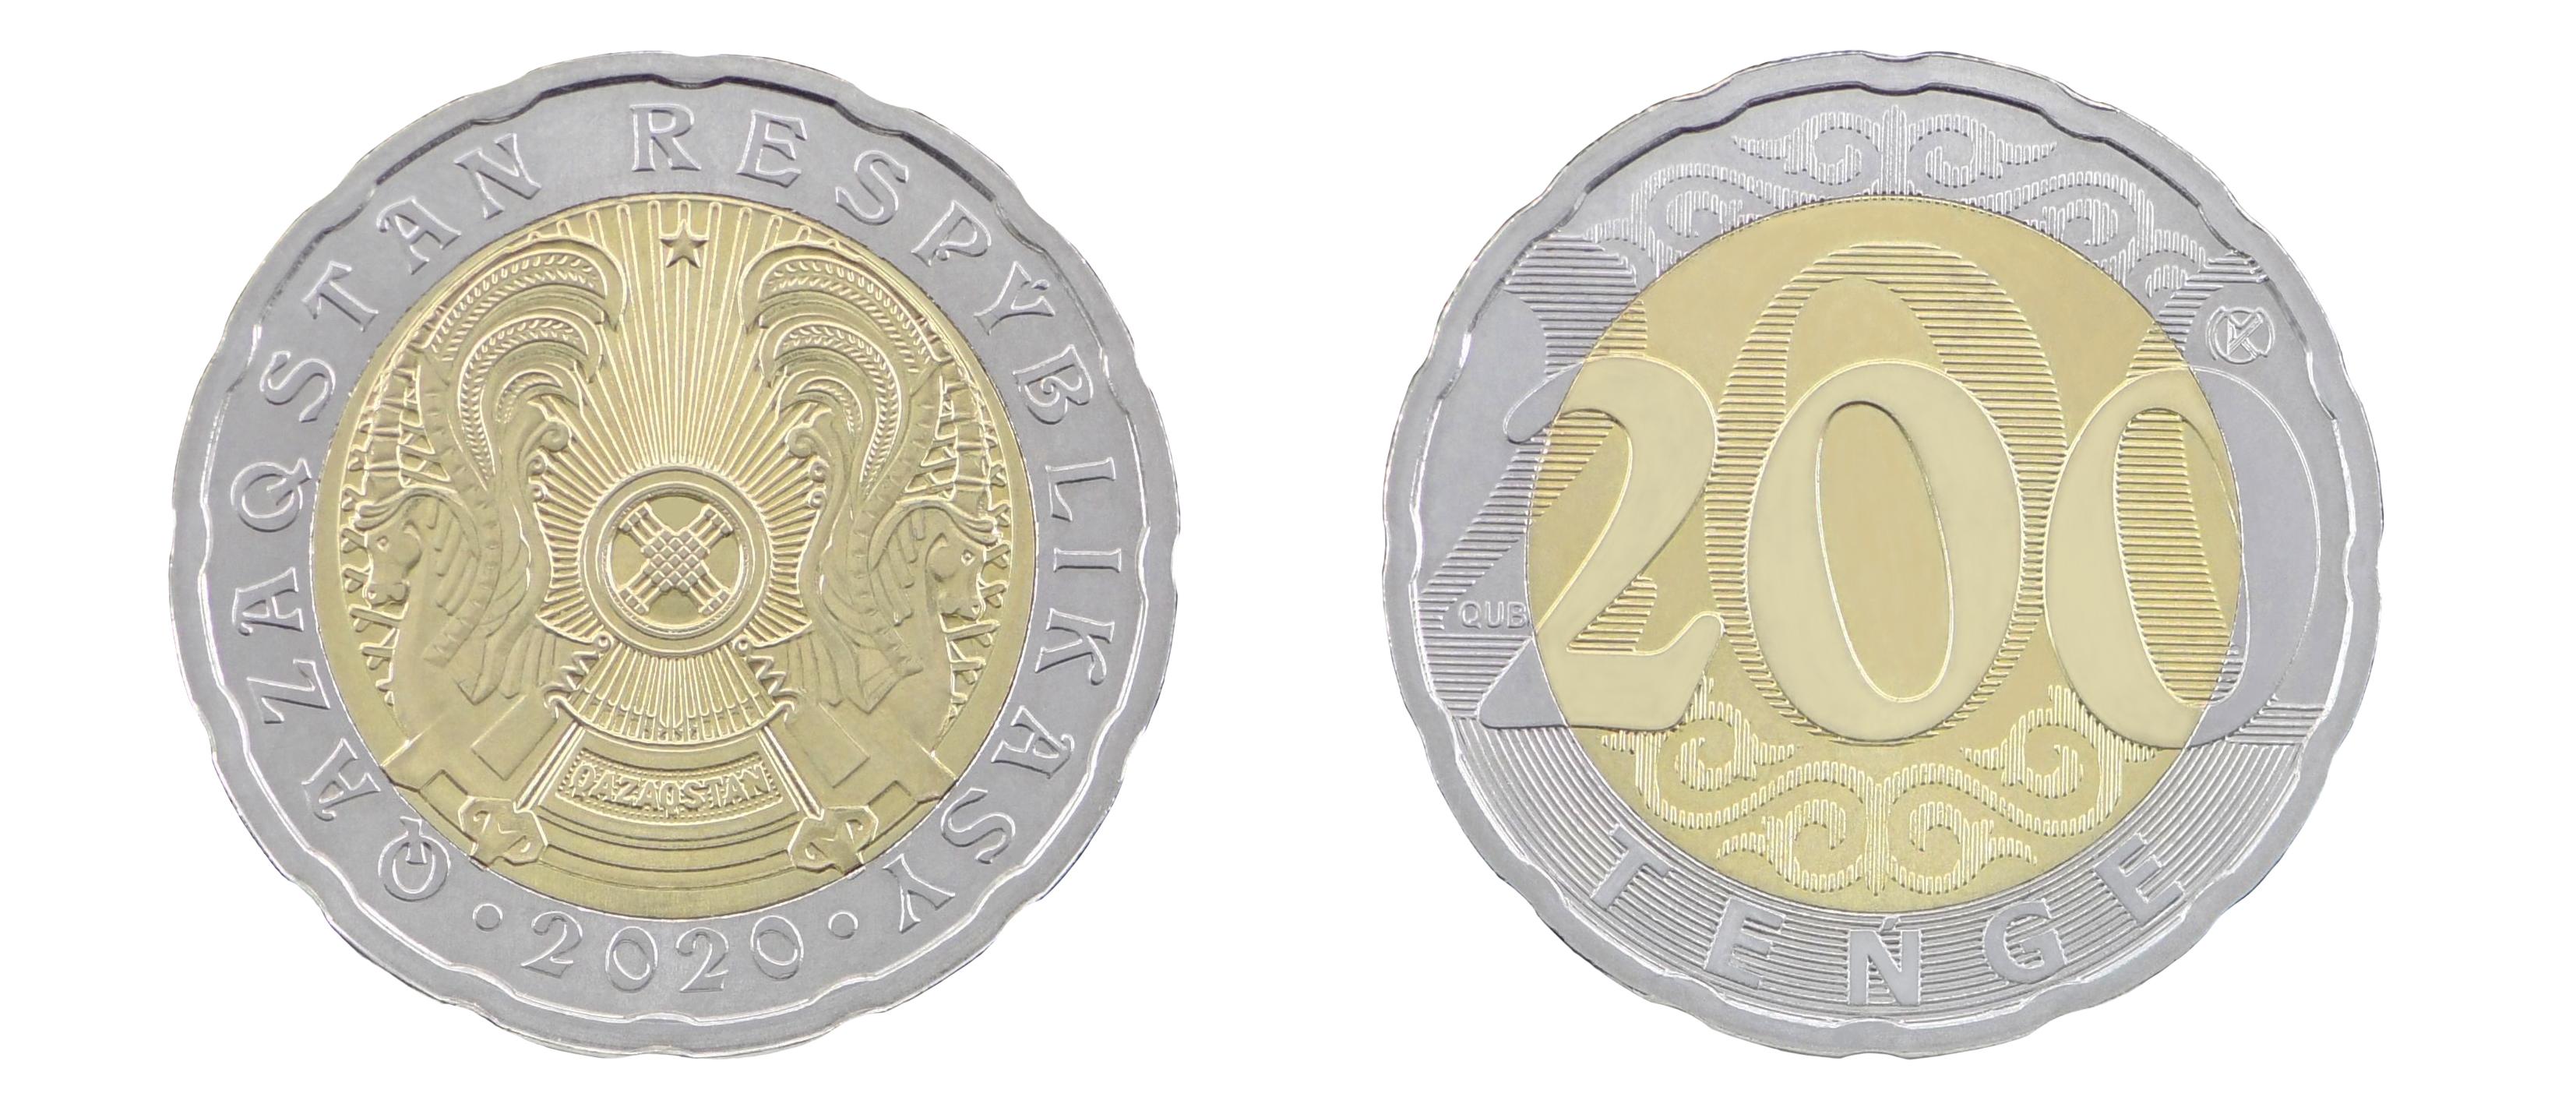 Нацбанк выпустил в обращение монеты номиналом 200 тенге